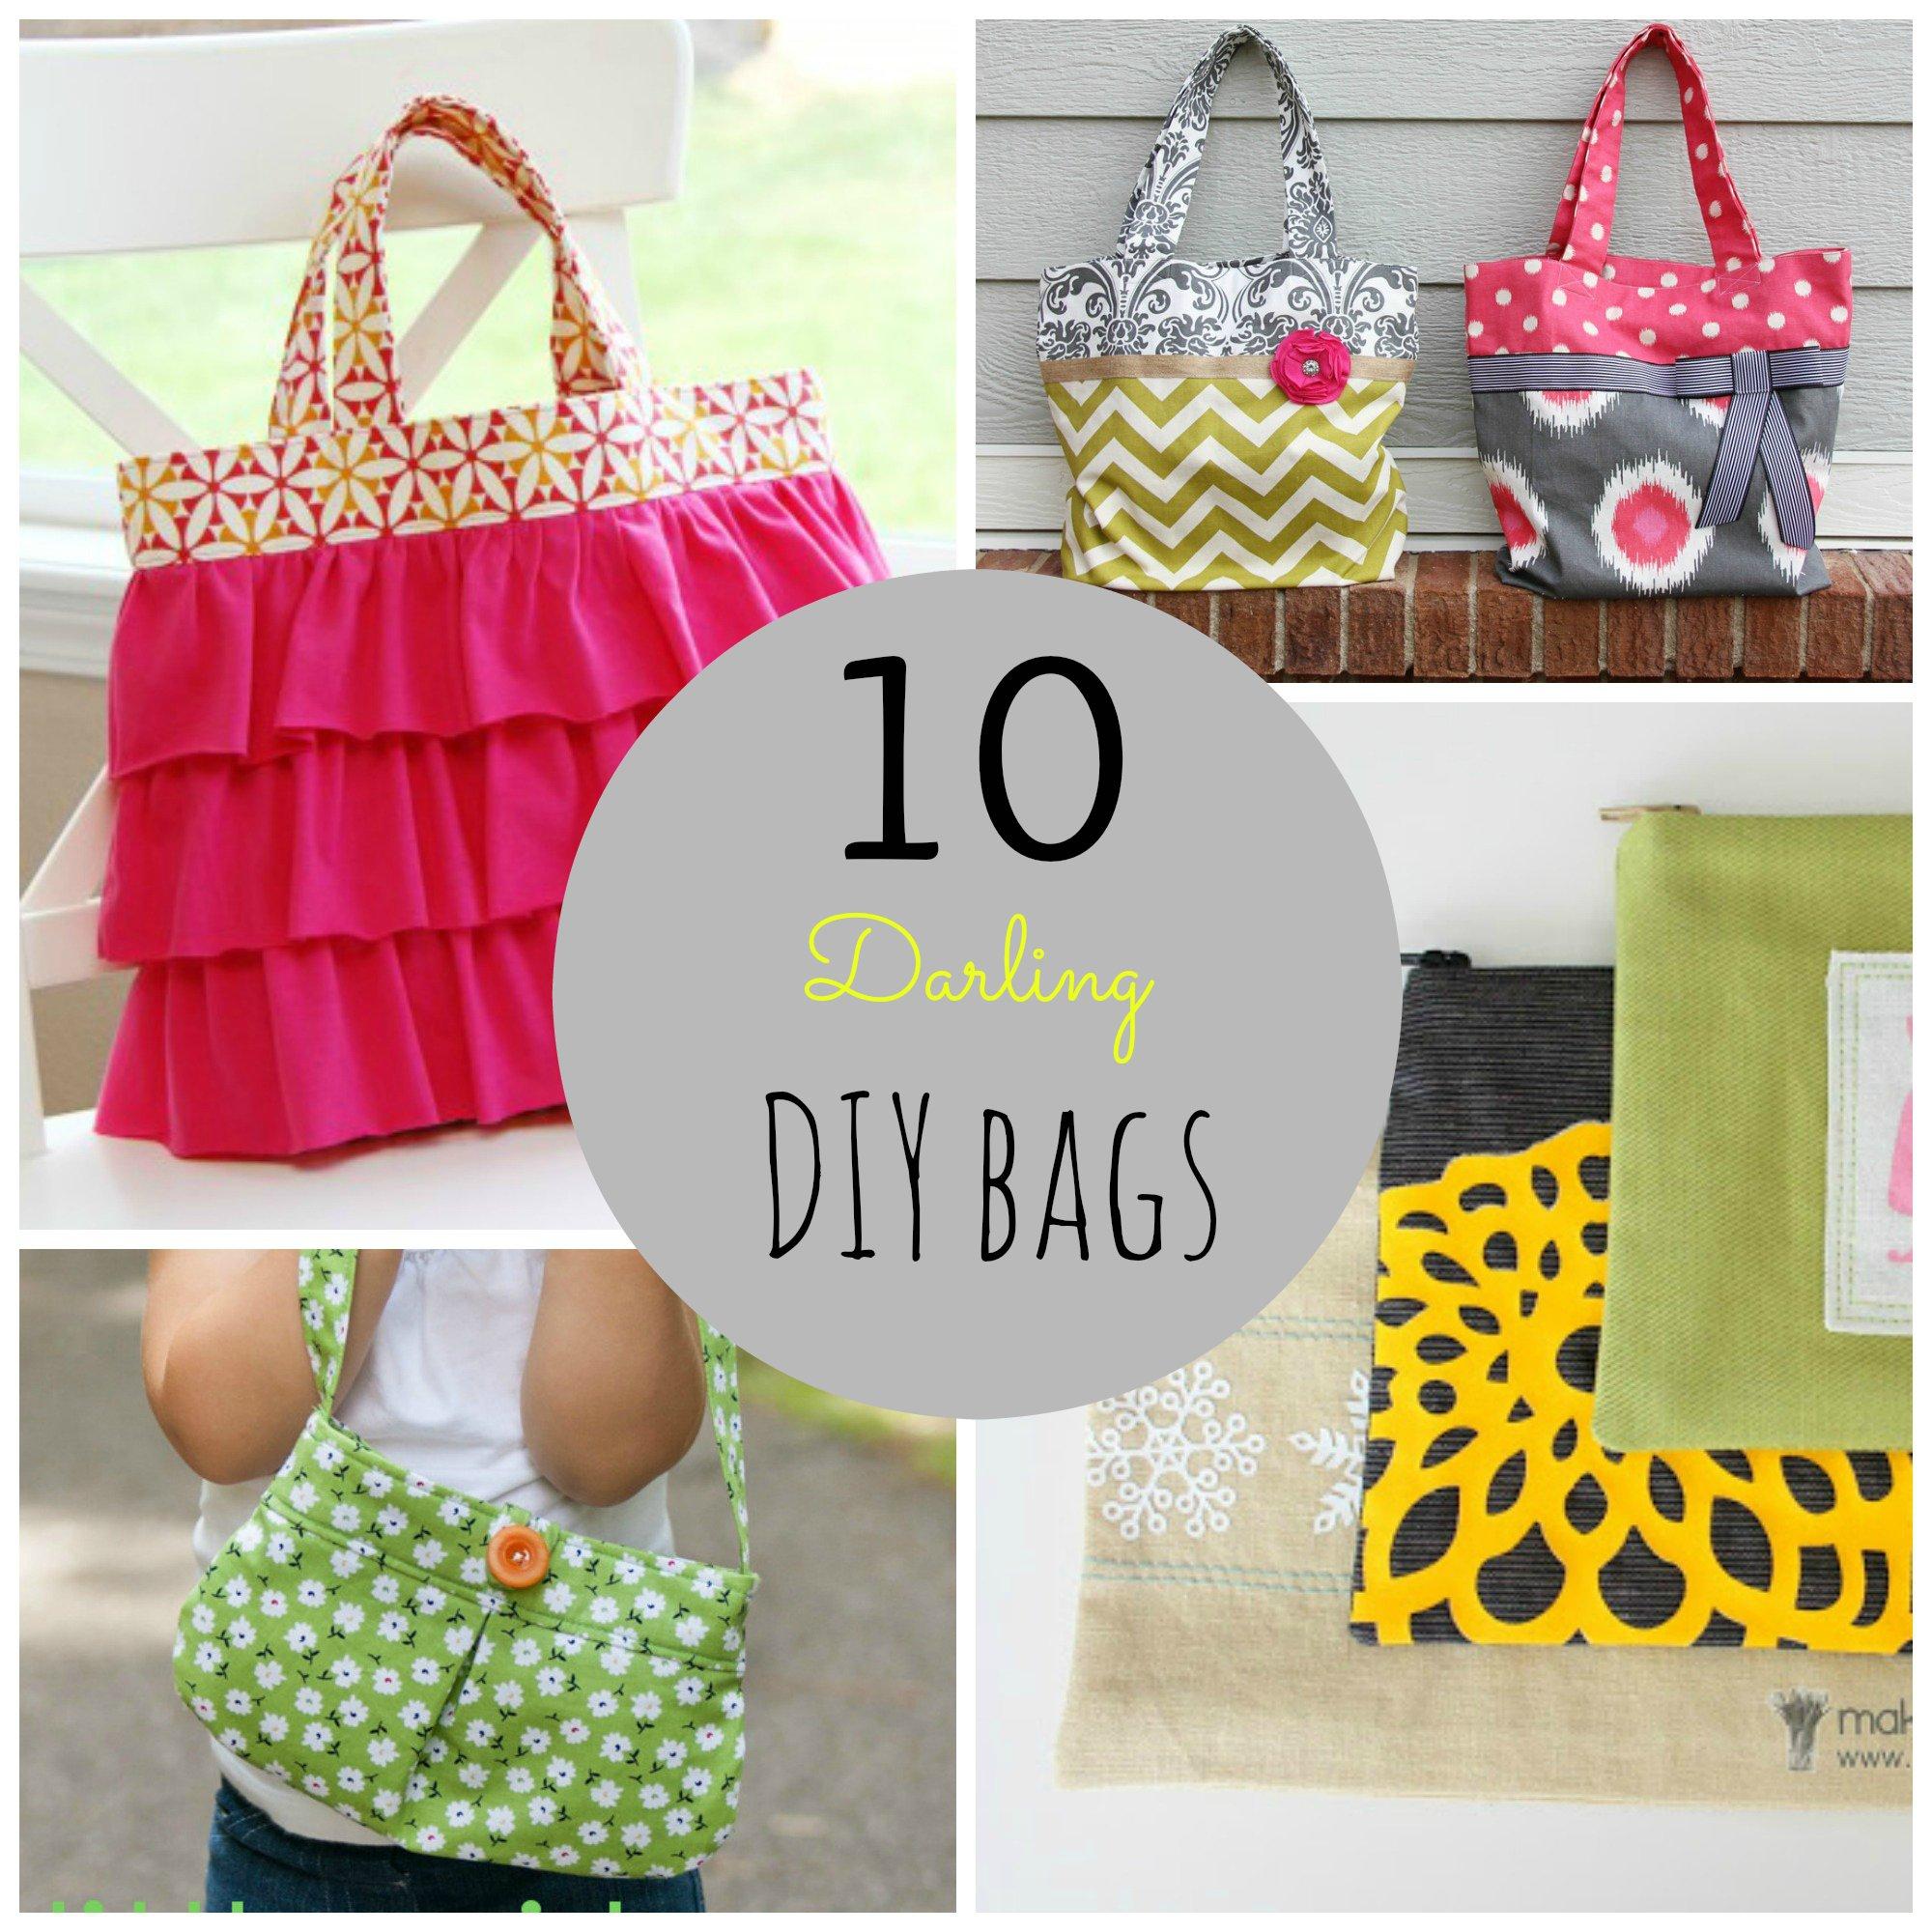 10 darling diy bags